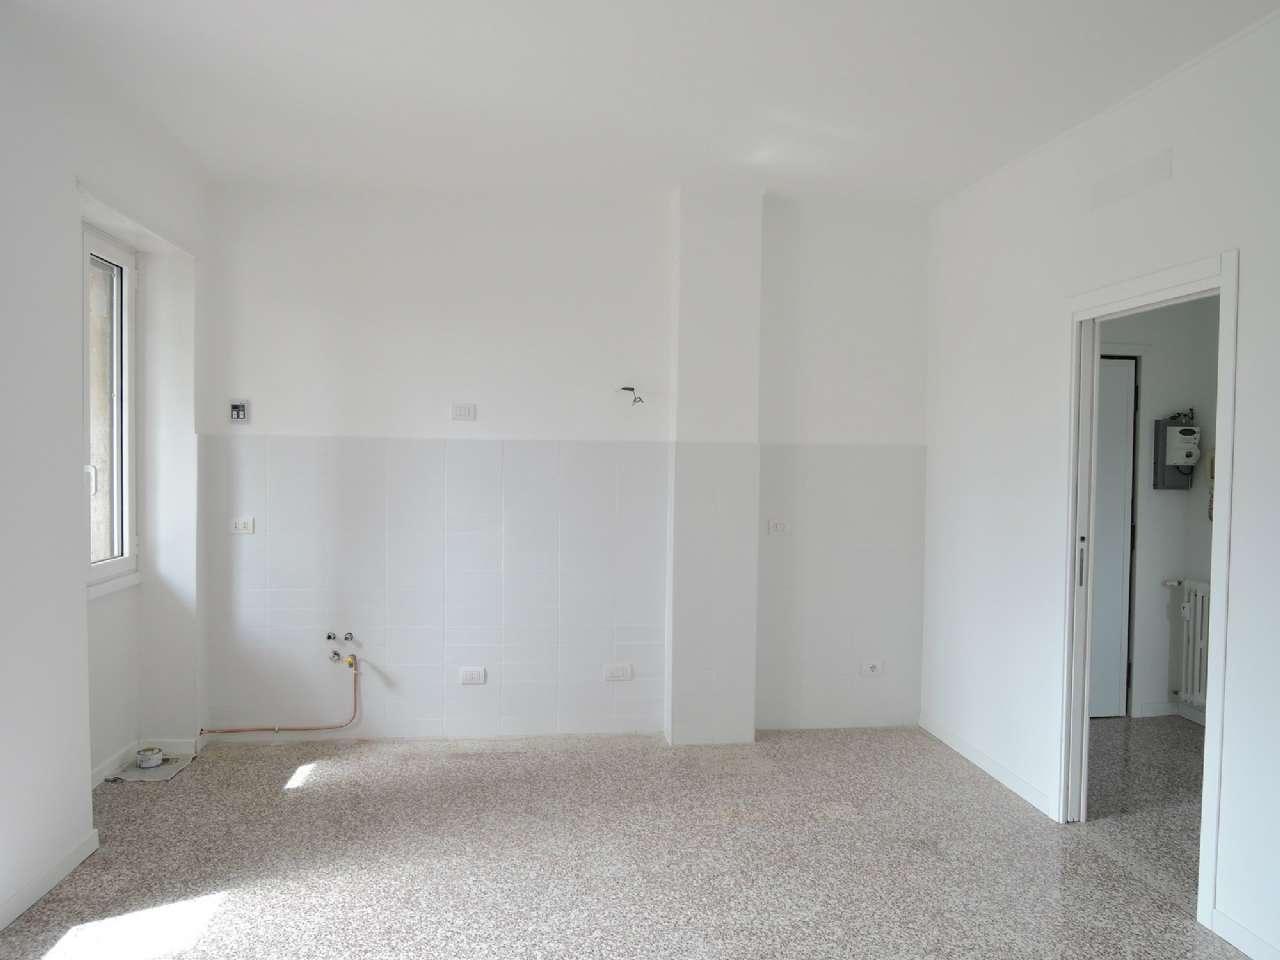 Appartamento in vendita a Milano, 2 locali, zona Zona: 5 . Citta' Studi, Lambrate, Udine, Loreto, Piola, Ortica, prezzo € 140.000 | CambioCasa.it